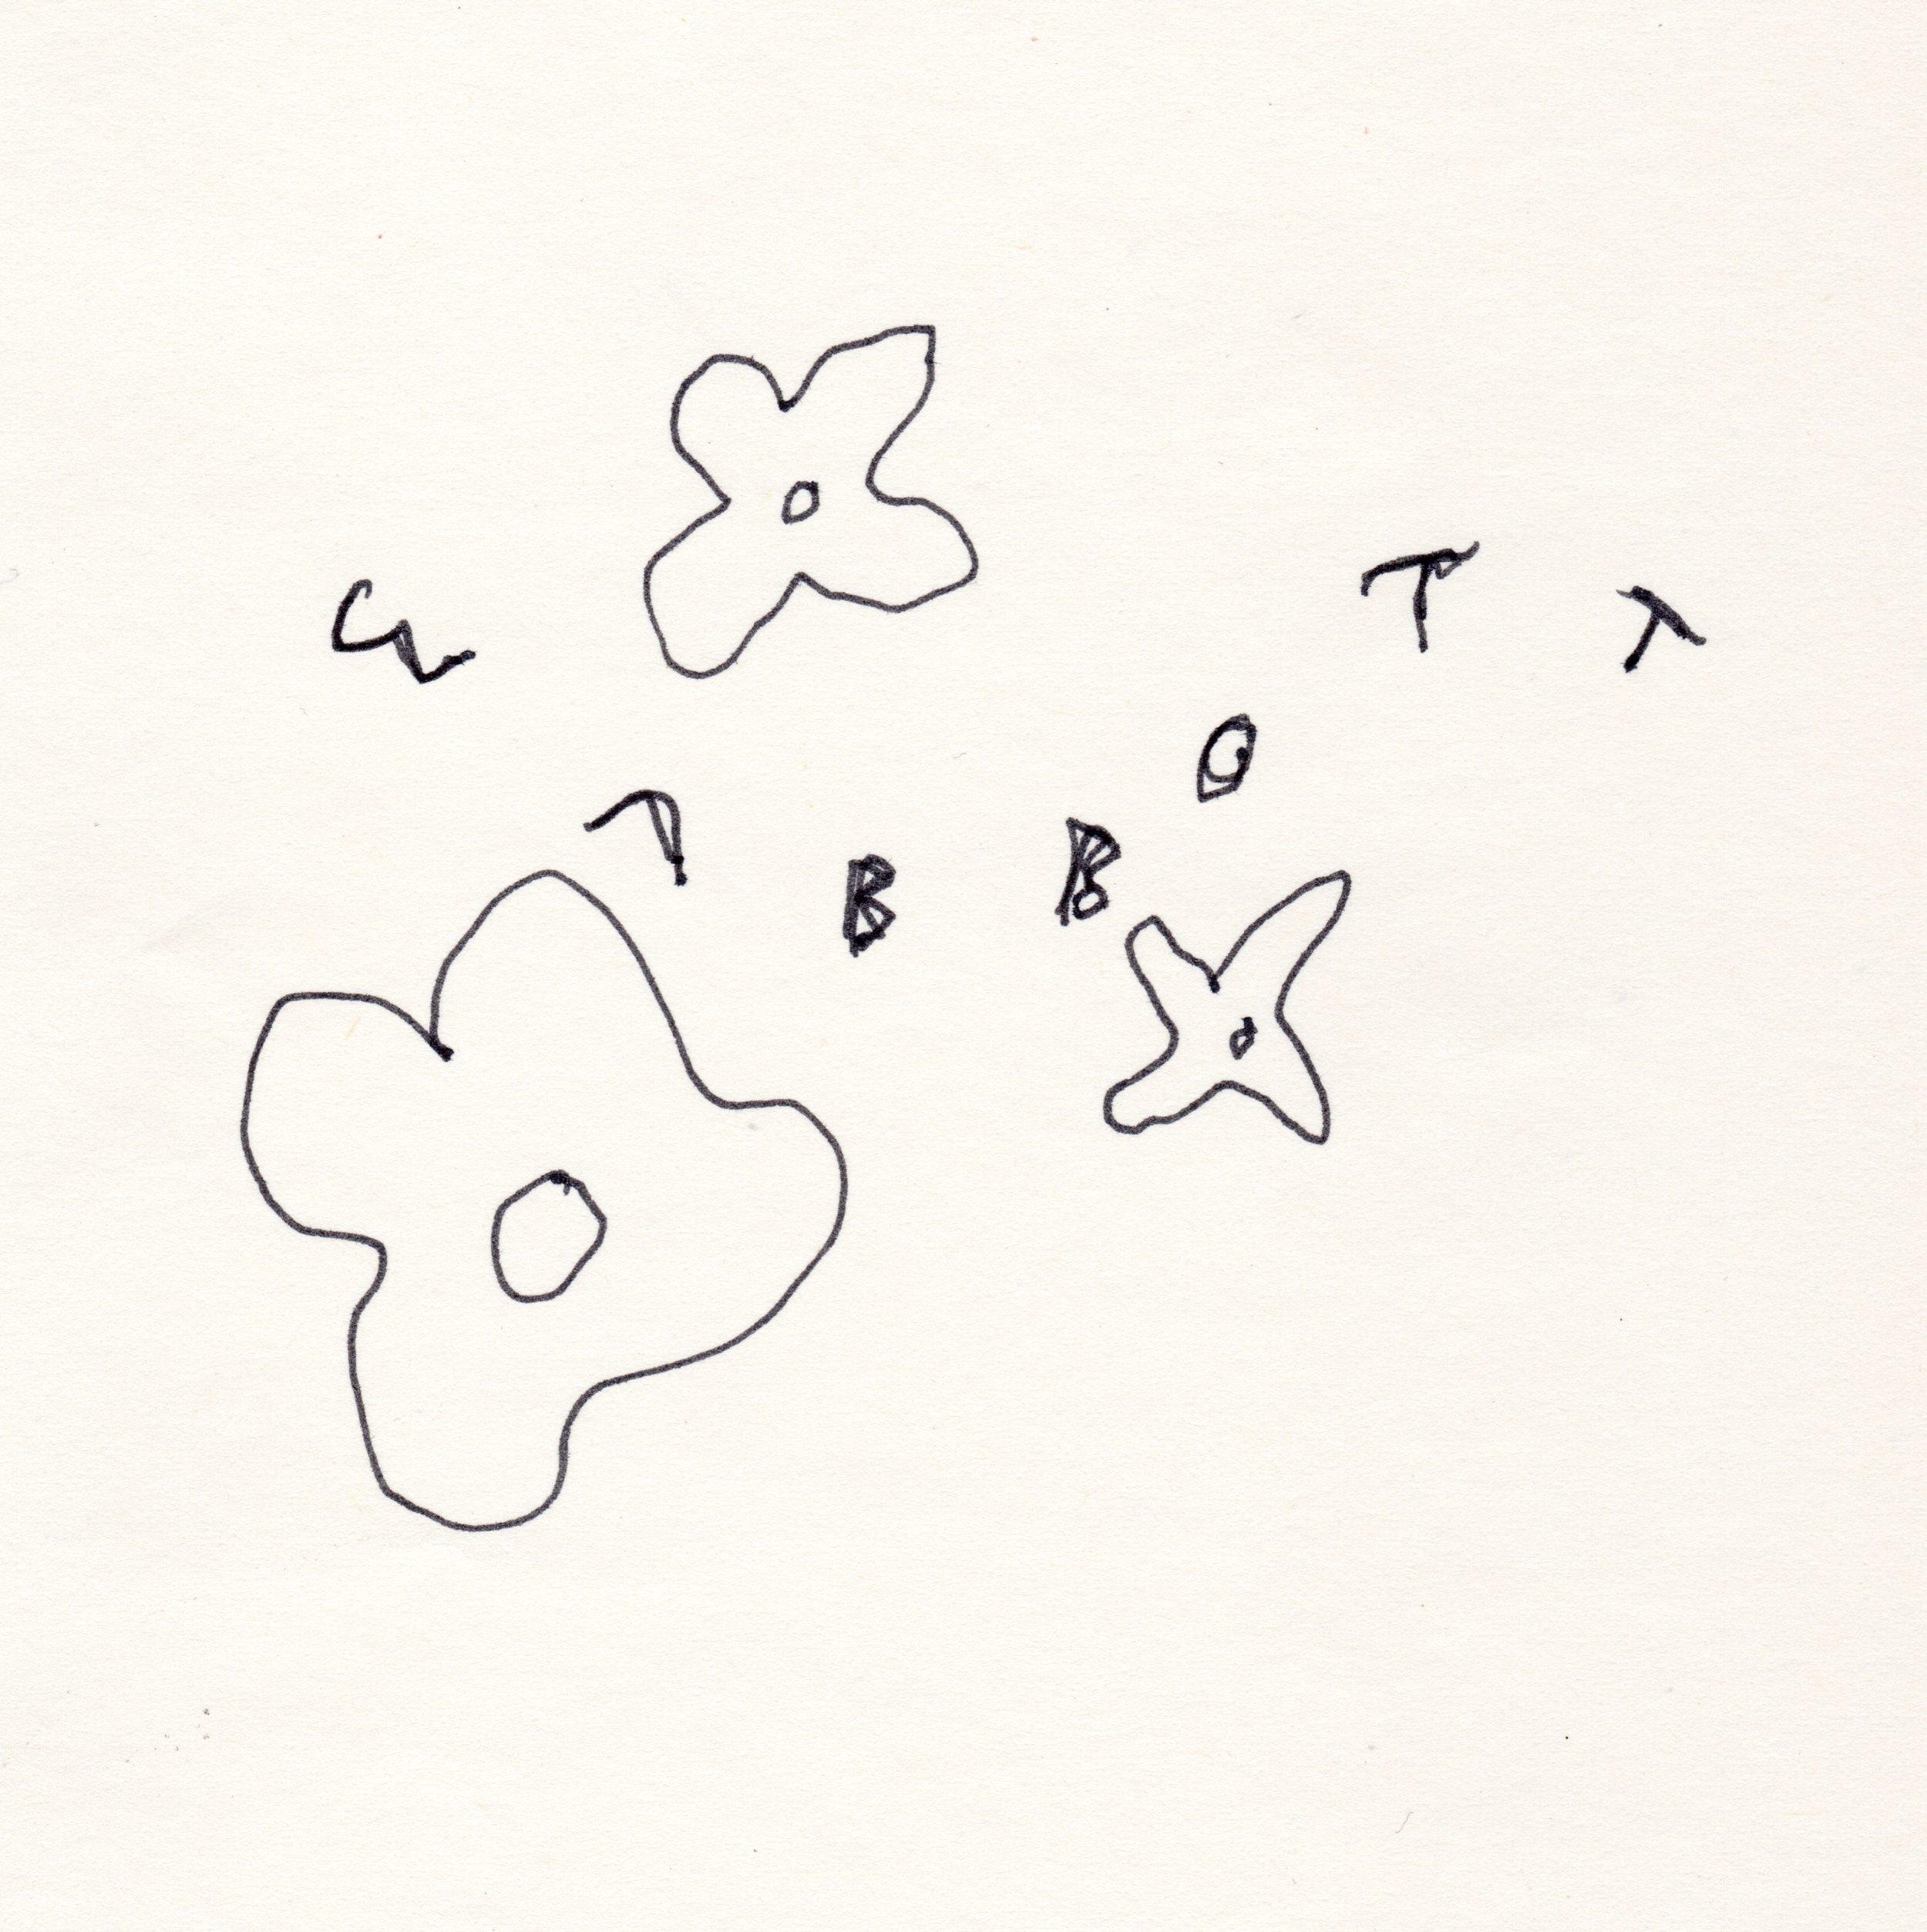 flowerwabbott scan.jpg